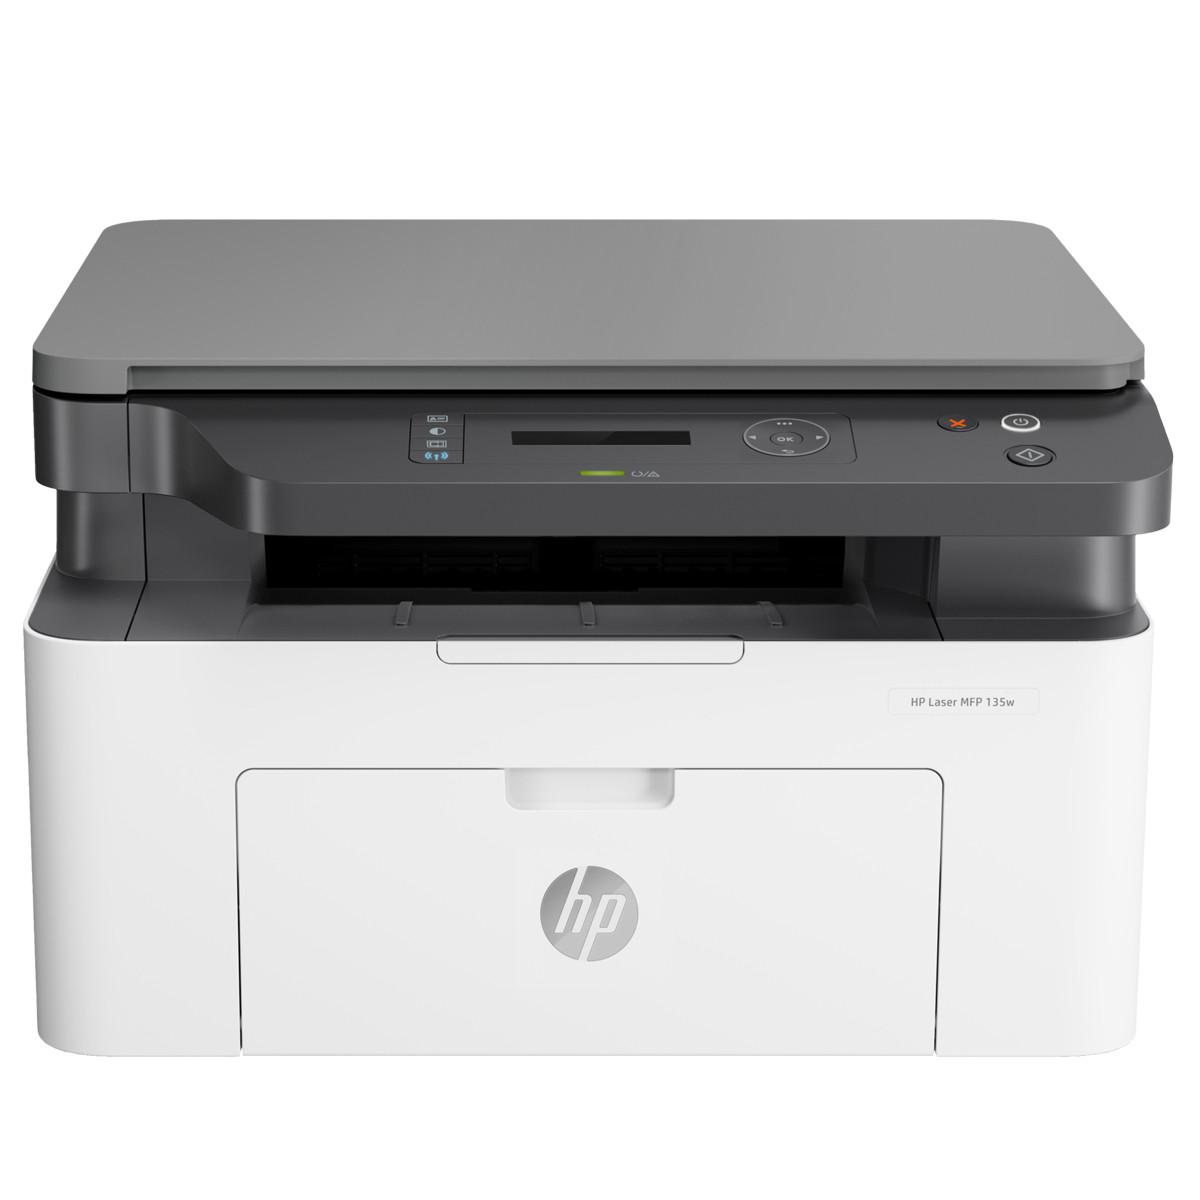 Impressora HP LaserJet MFP-M135W 4ZB83A Multifuncional com Wireless